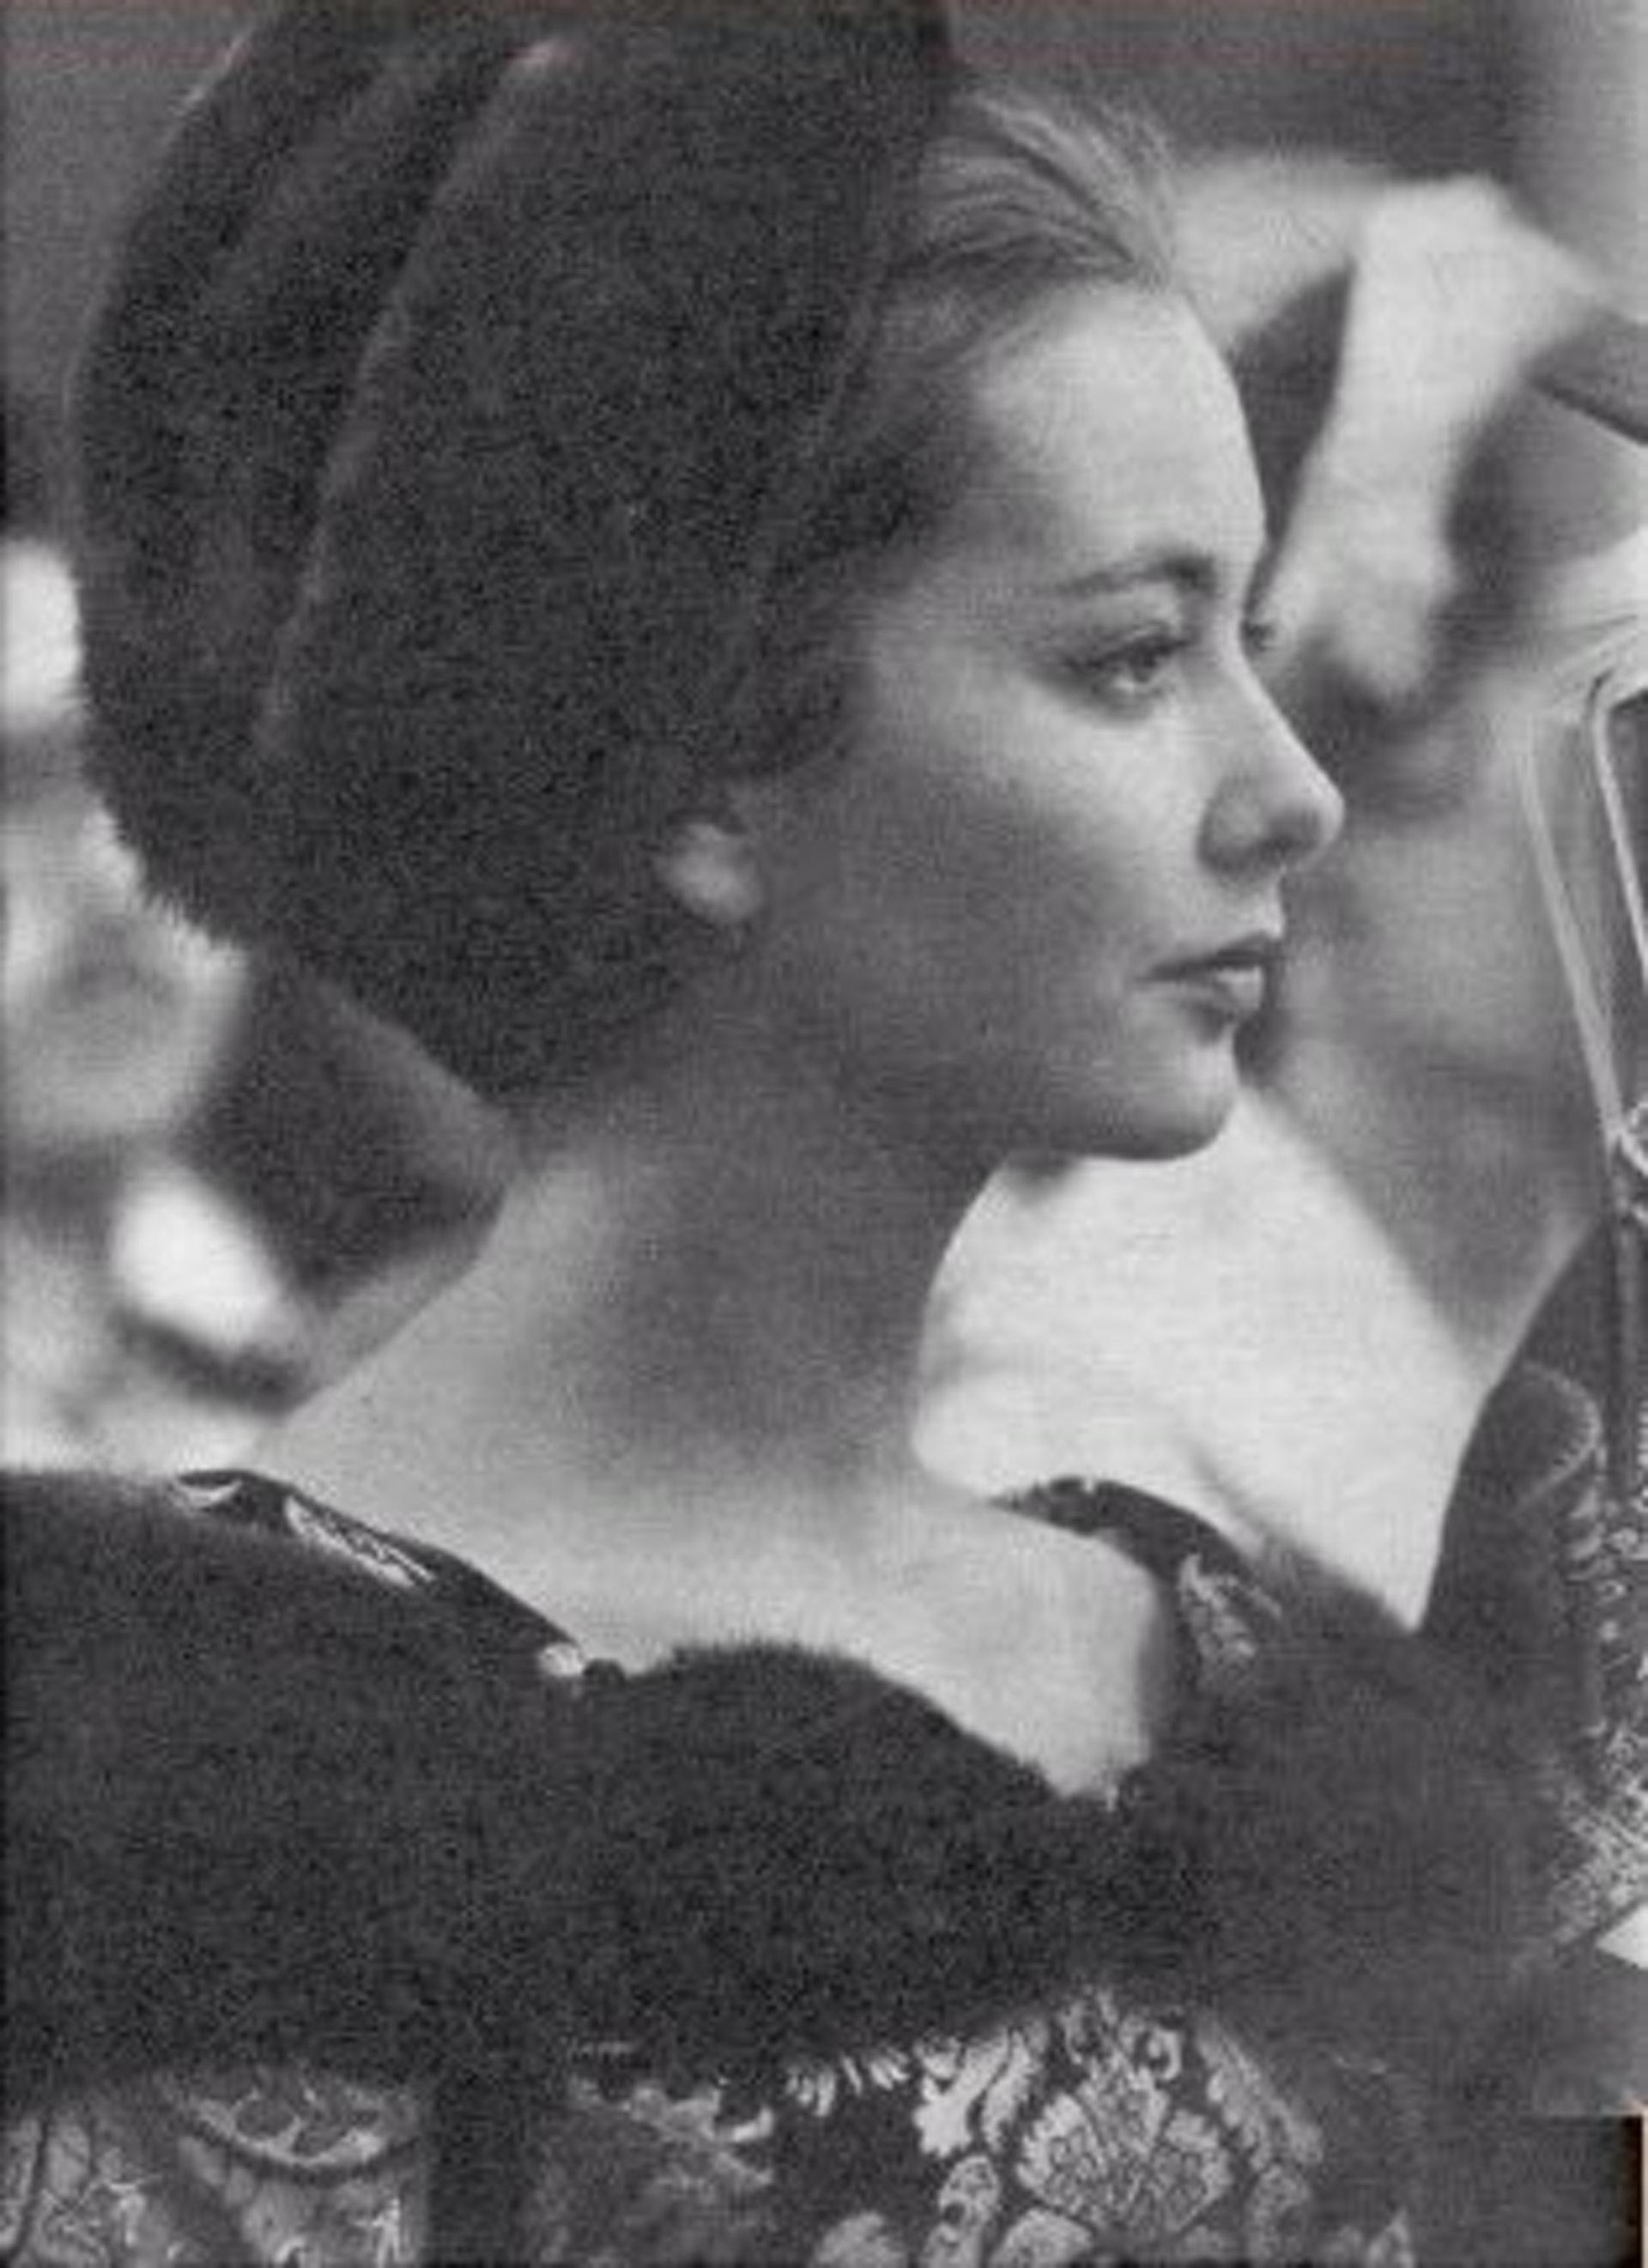 「她由一个耀眼、美丽的公主,成为一个沉闷的皇后。她十分害羞,不外向,因此也似是不大受欢迎。」(Royal Ladies@Twitter)